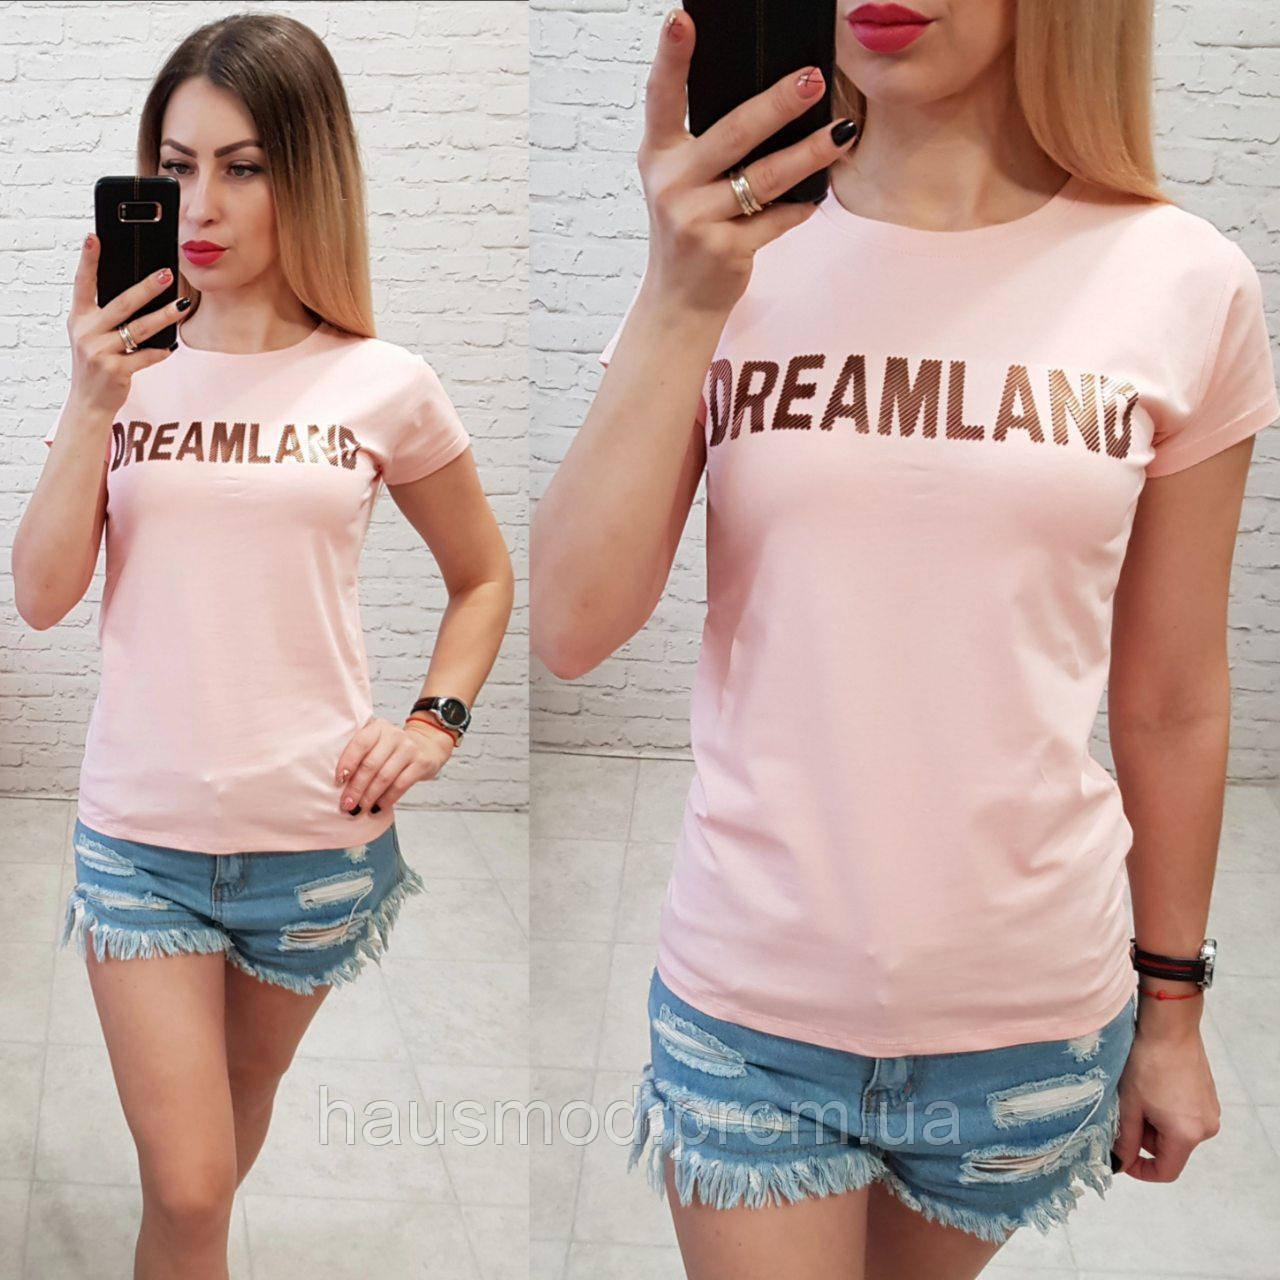 Футболка женская летняя надпись Dreamland качество турция цвет пудровый